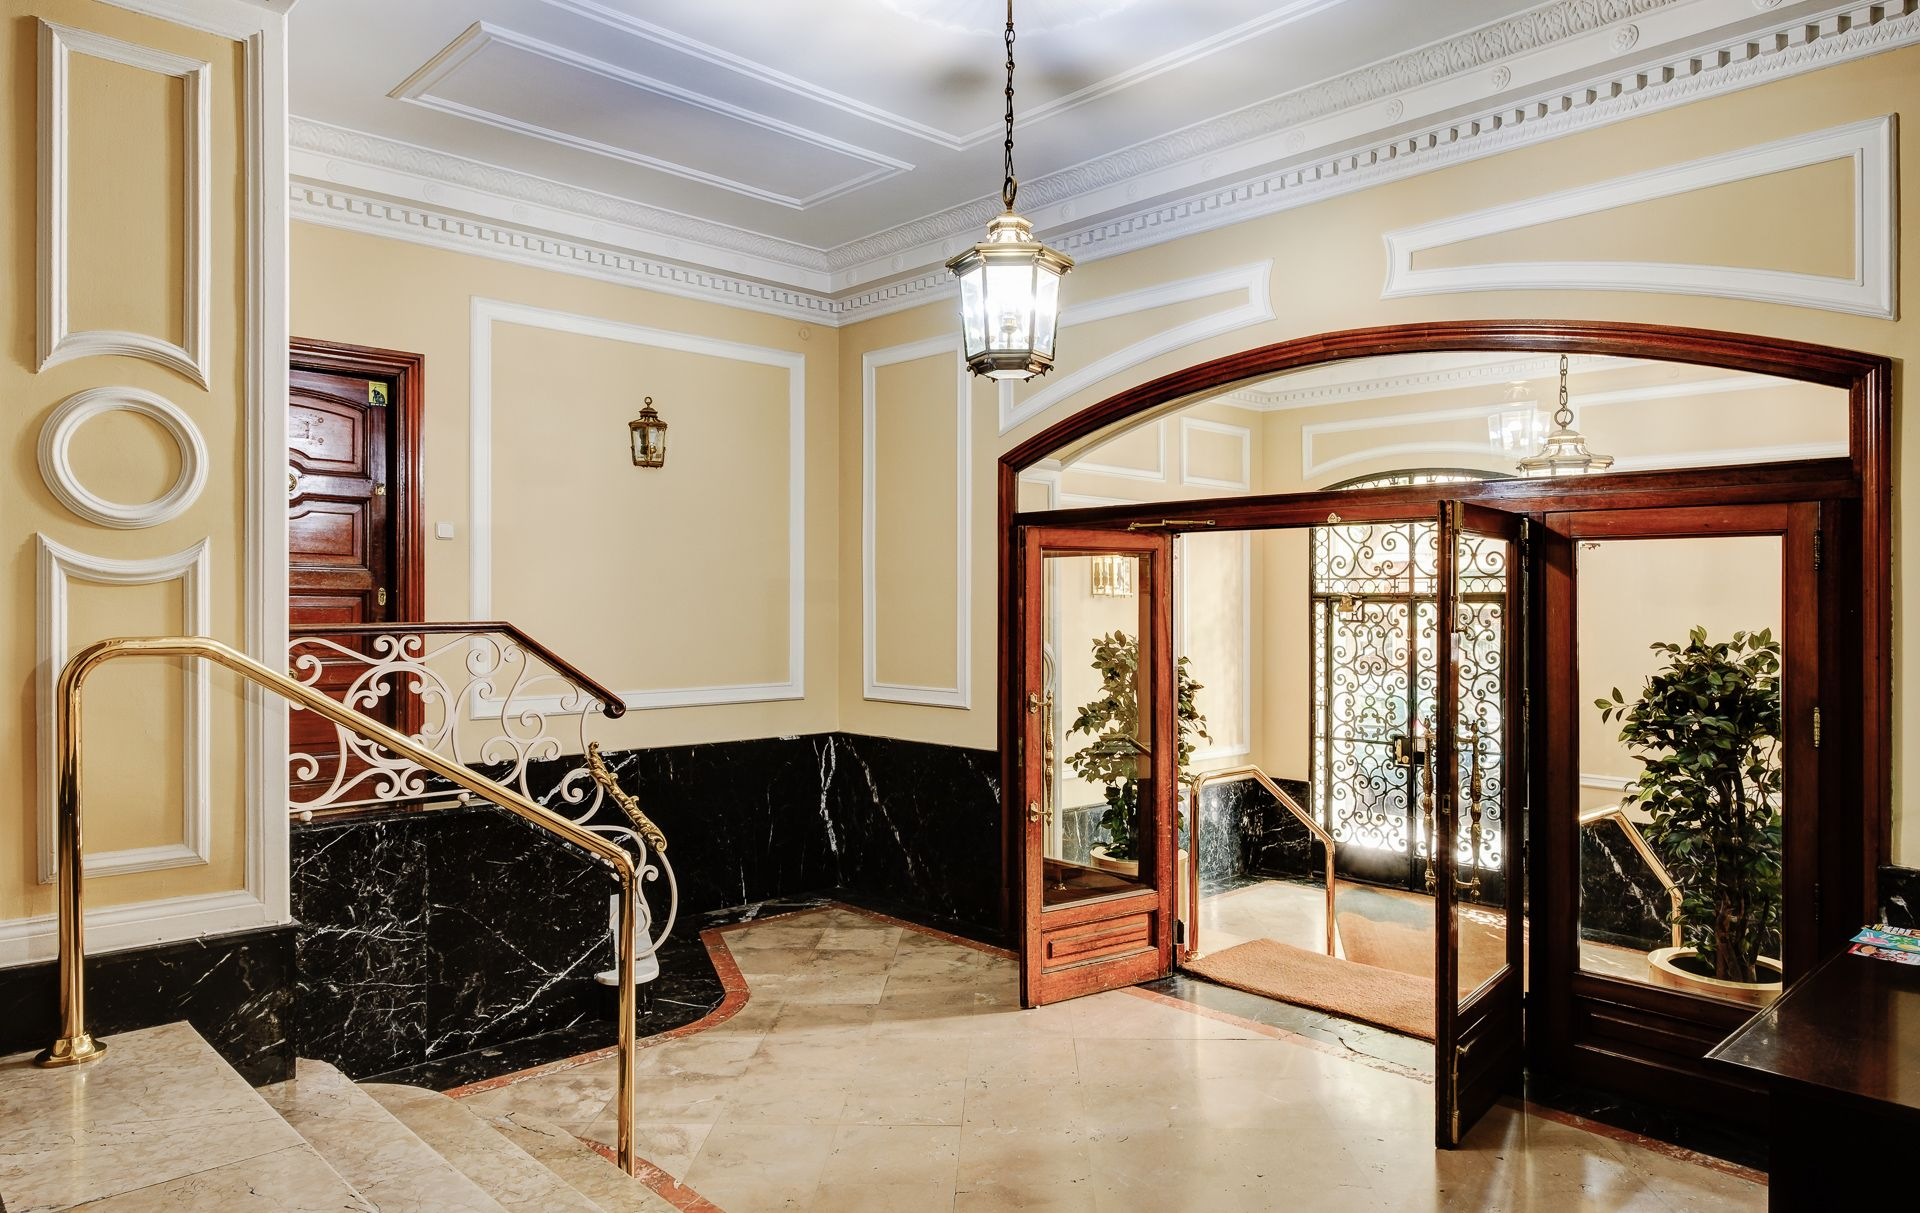 UXBAN calle zurbano entrada edificio portal